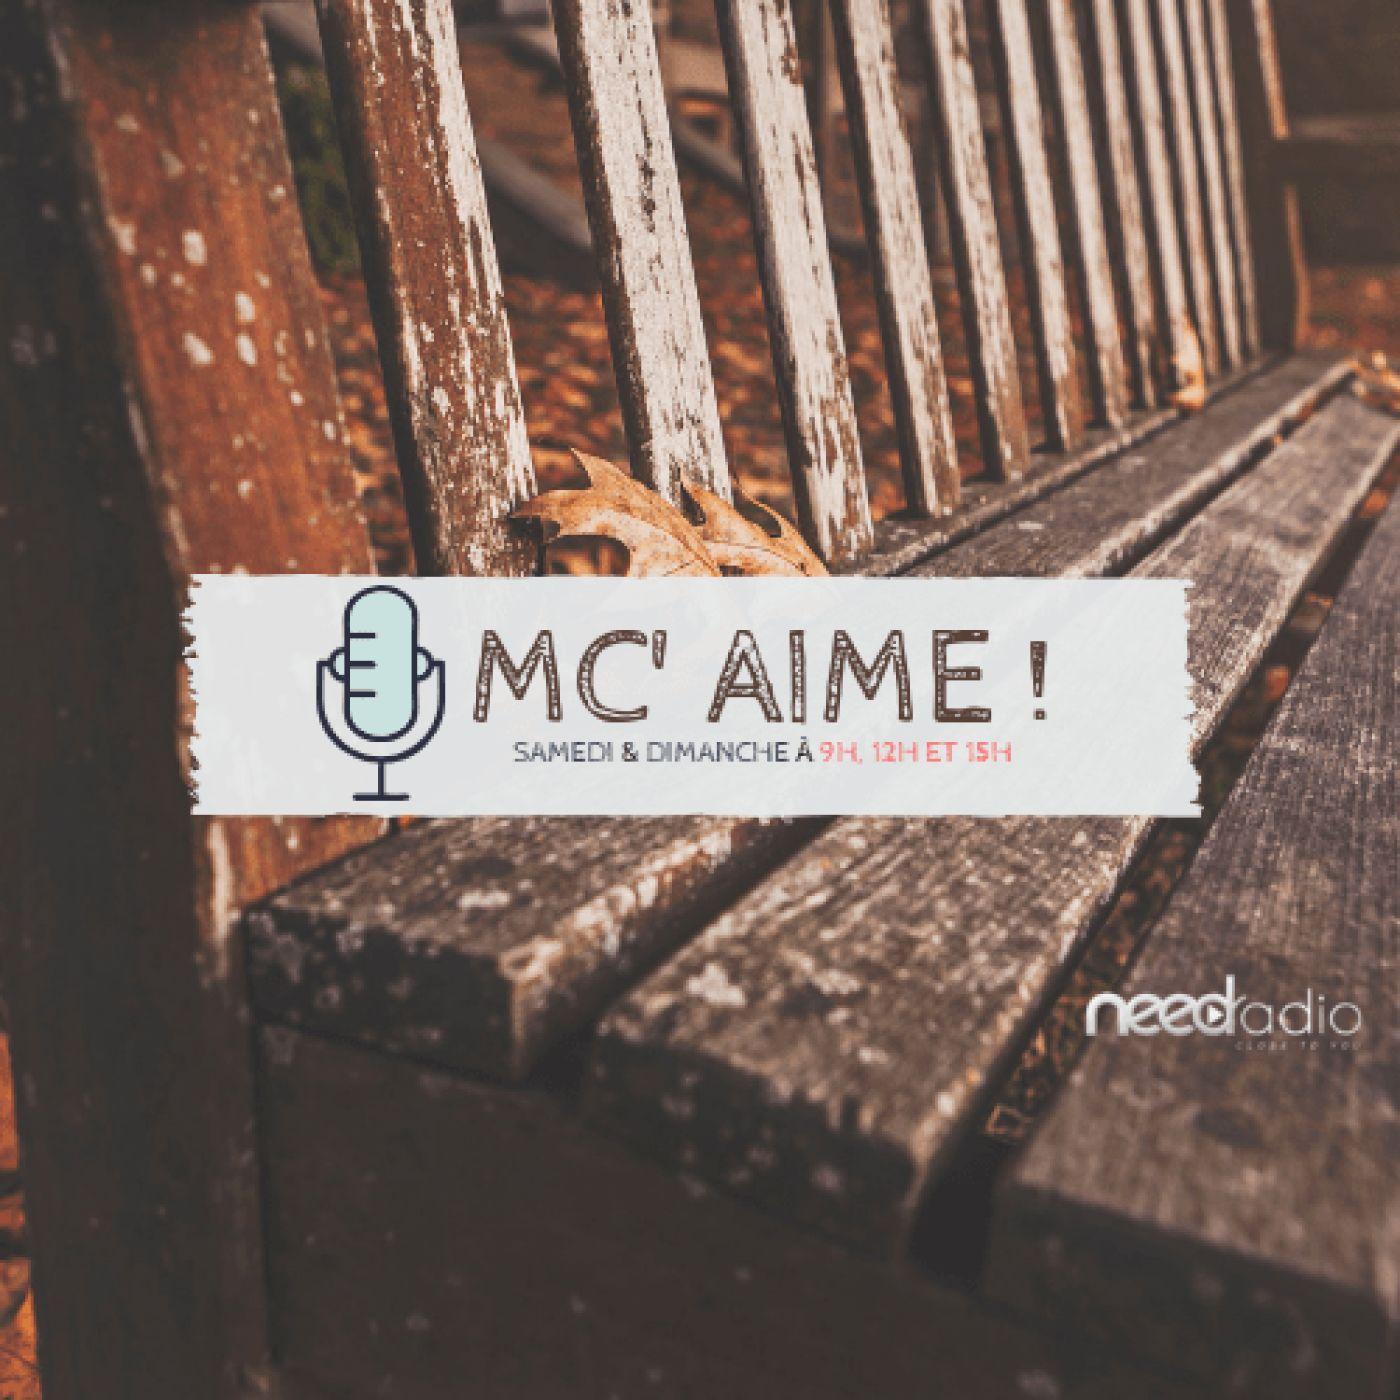 MC' Aime - Les mésanges (17/03/19)